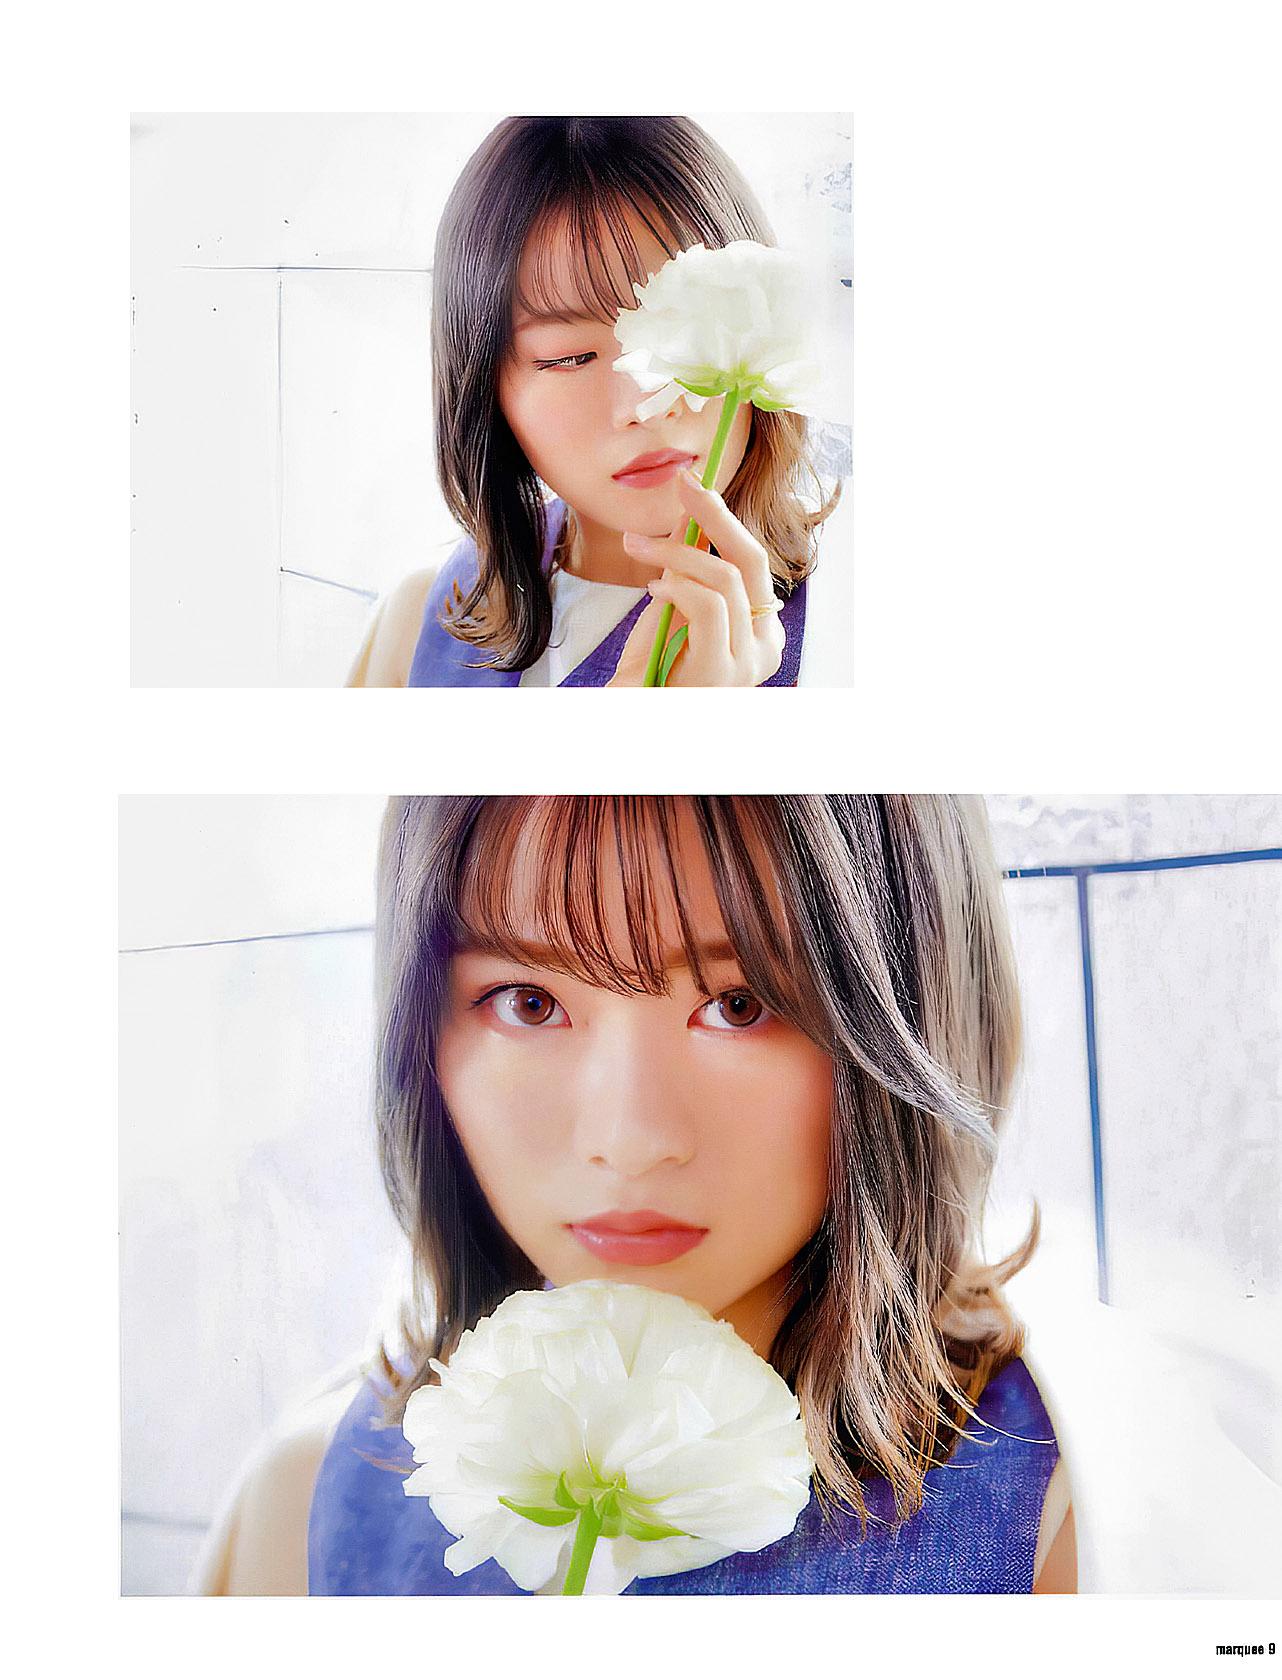 Rena Yamazaki N46 Marquee 138 2020 03.jpg